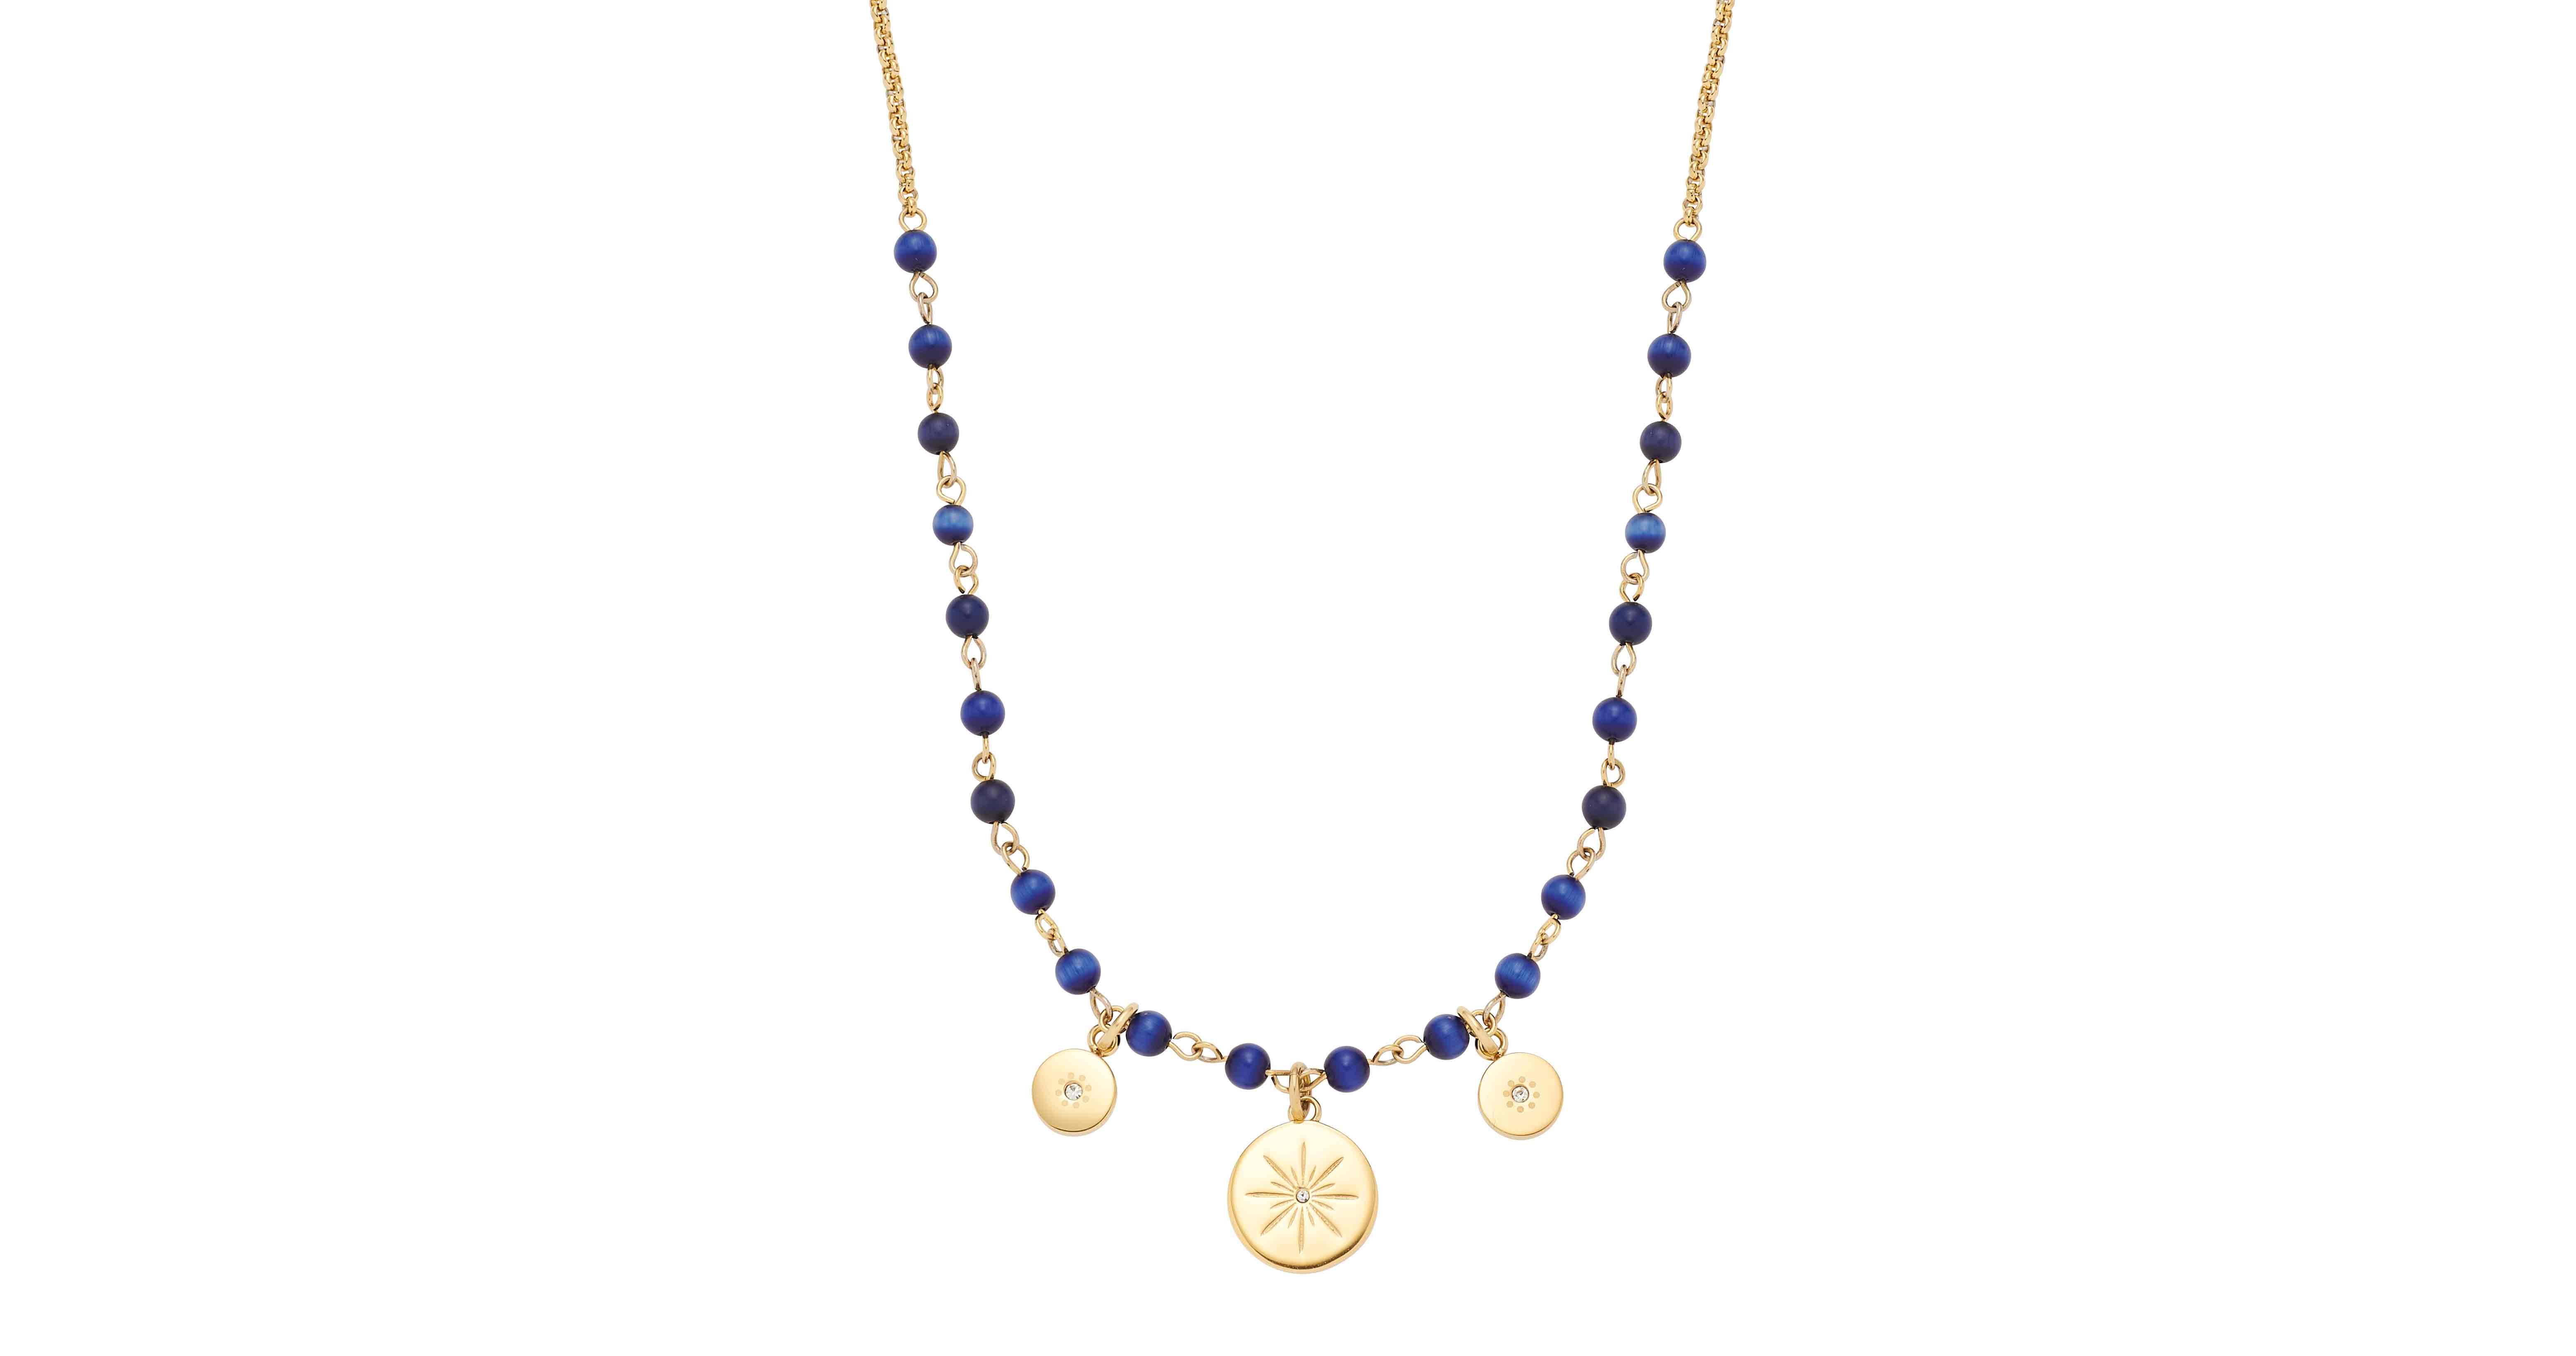 Die Halskette Rosella (Edelstahl mit Gold IP-Plating, dunkelblaue Cateye-Glasbeads und Glaskristalle) kostet 69,95 Euro VK.